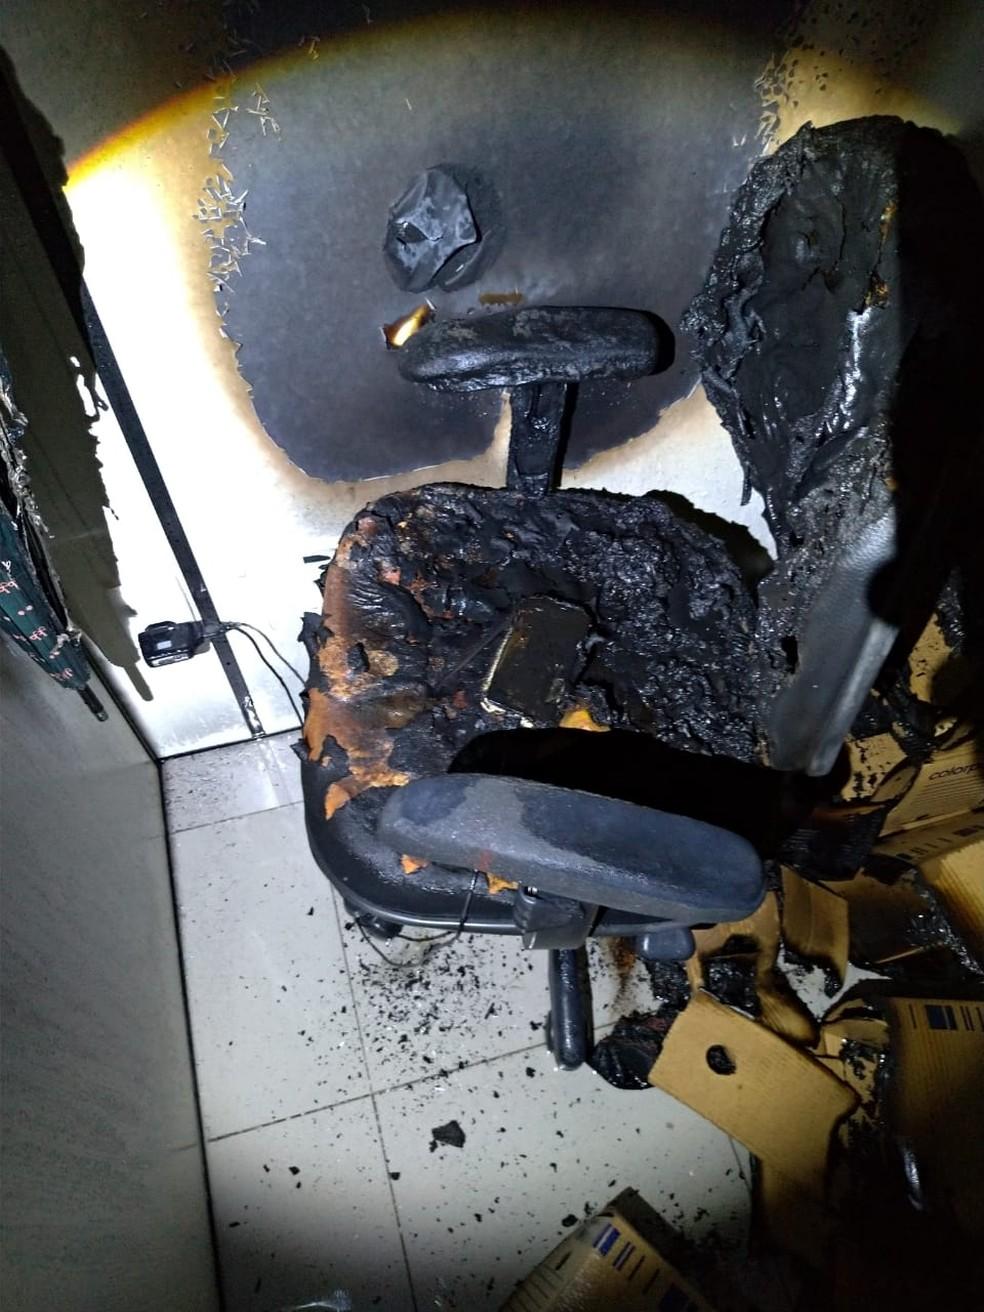 Celular esquecido conectado à tomada em cadeira provocou incêndio em sala de prédio comercial em Cuiabá — Foto: Corpo de Bombeiros de Mato Grosso/Assessoria